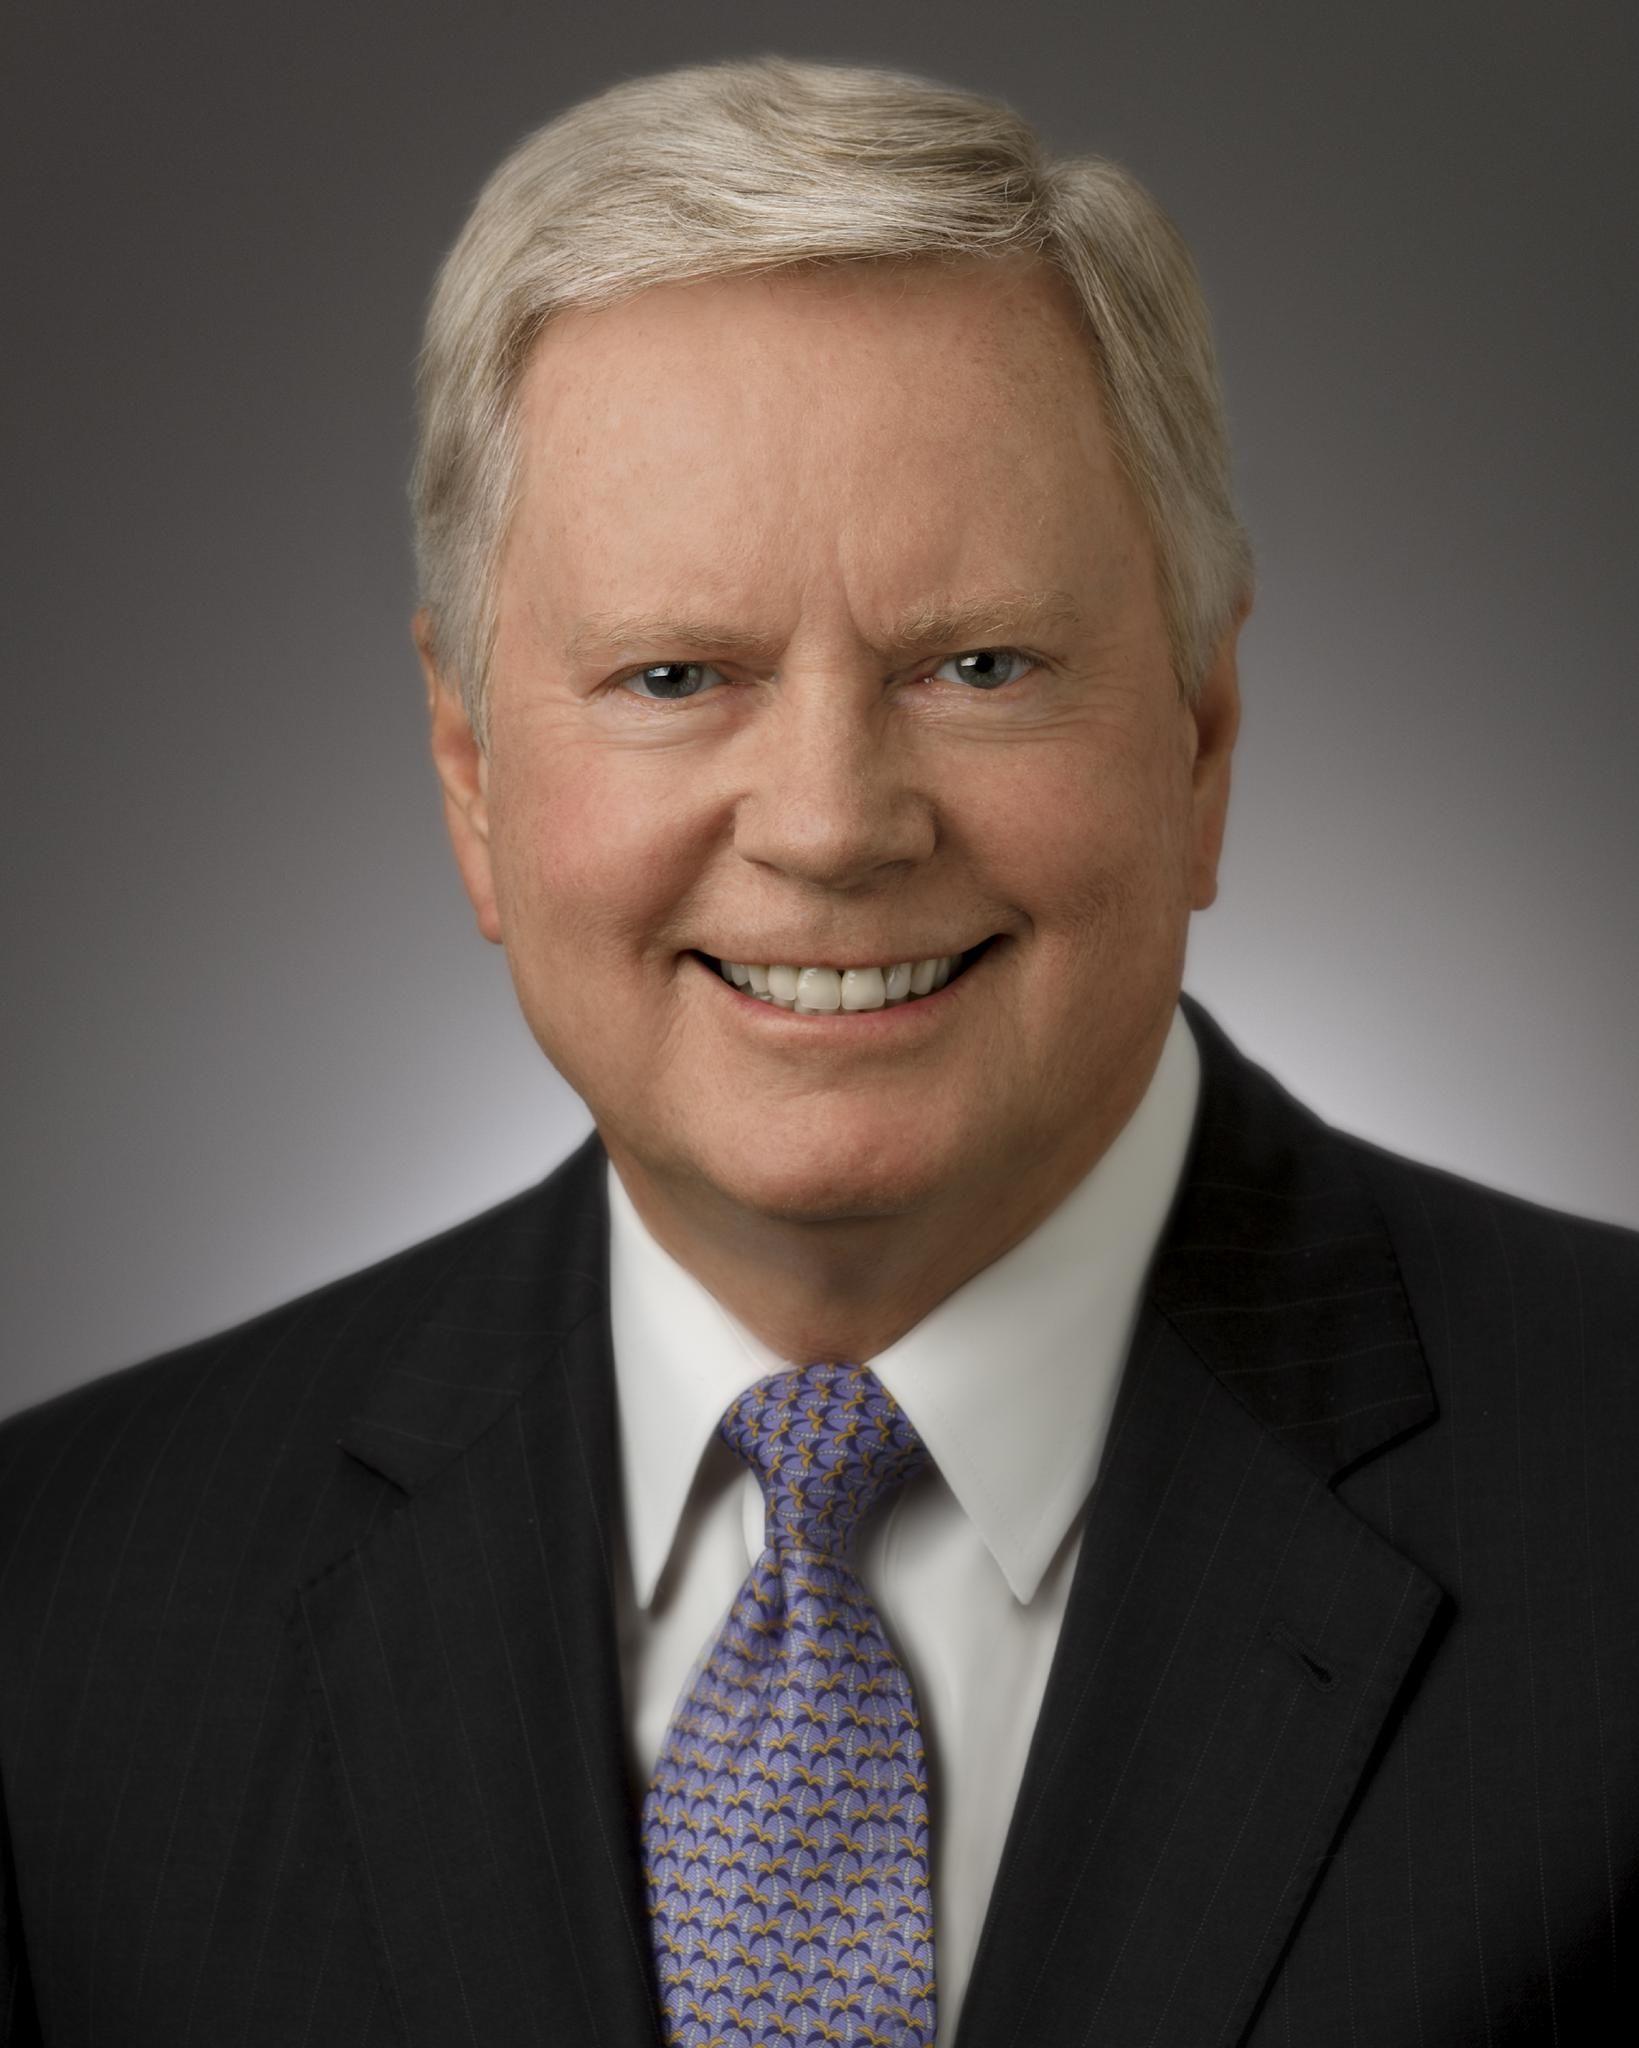 Galen Cobb